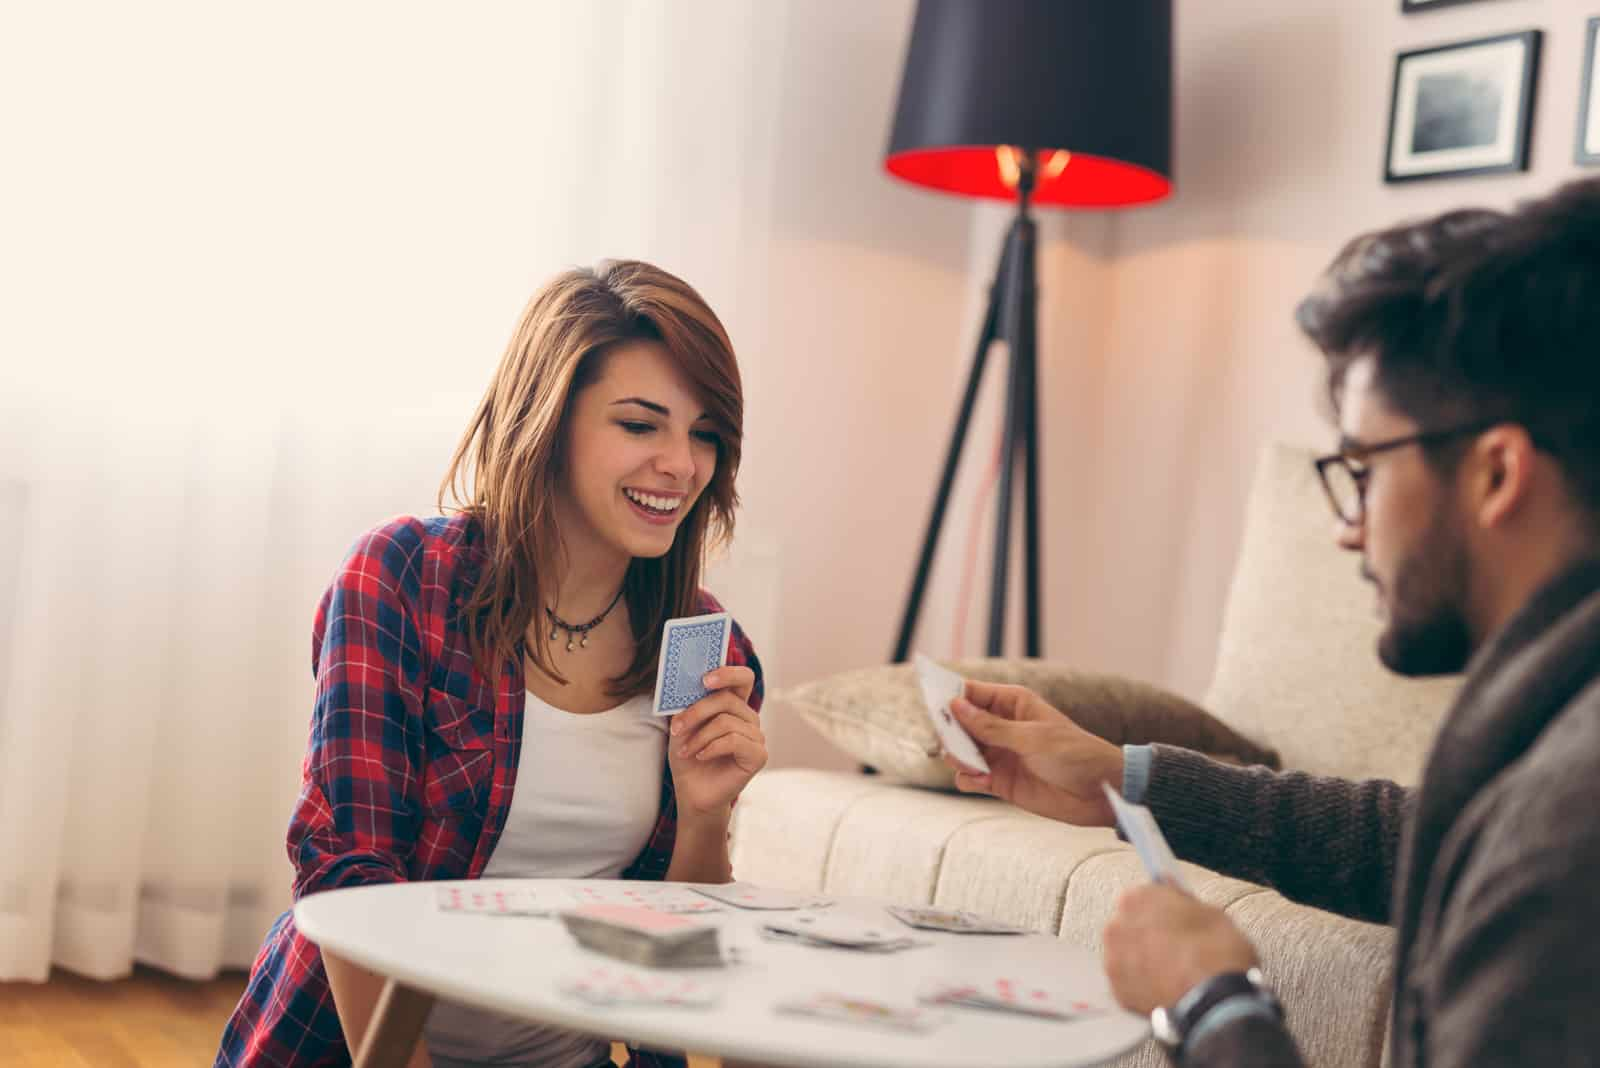 un homme et une femme s'assoient sur le sol et jouent aux cartes sur la table